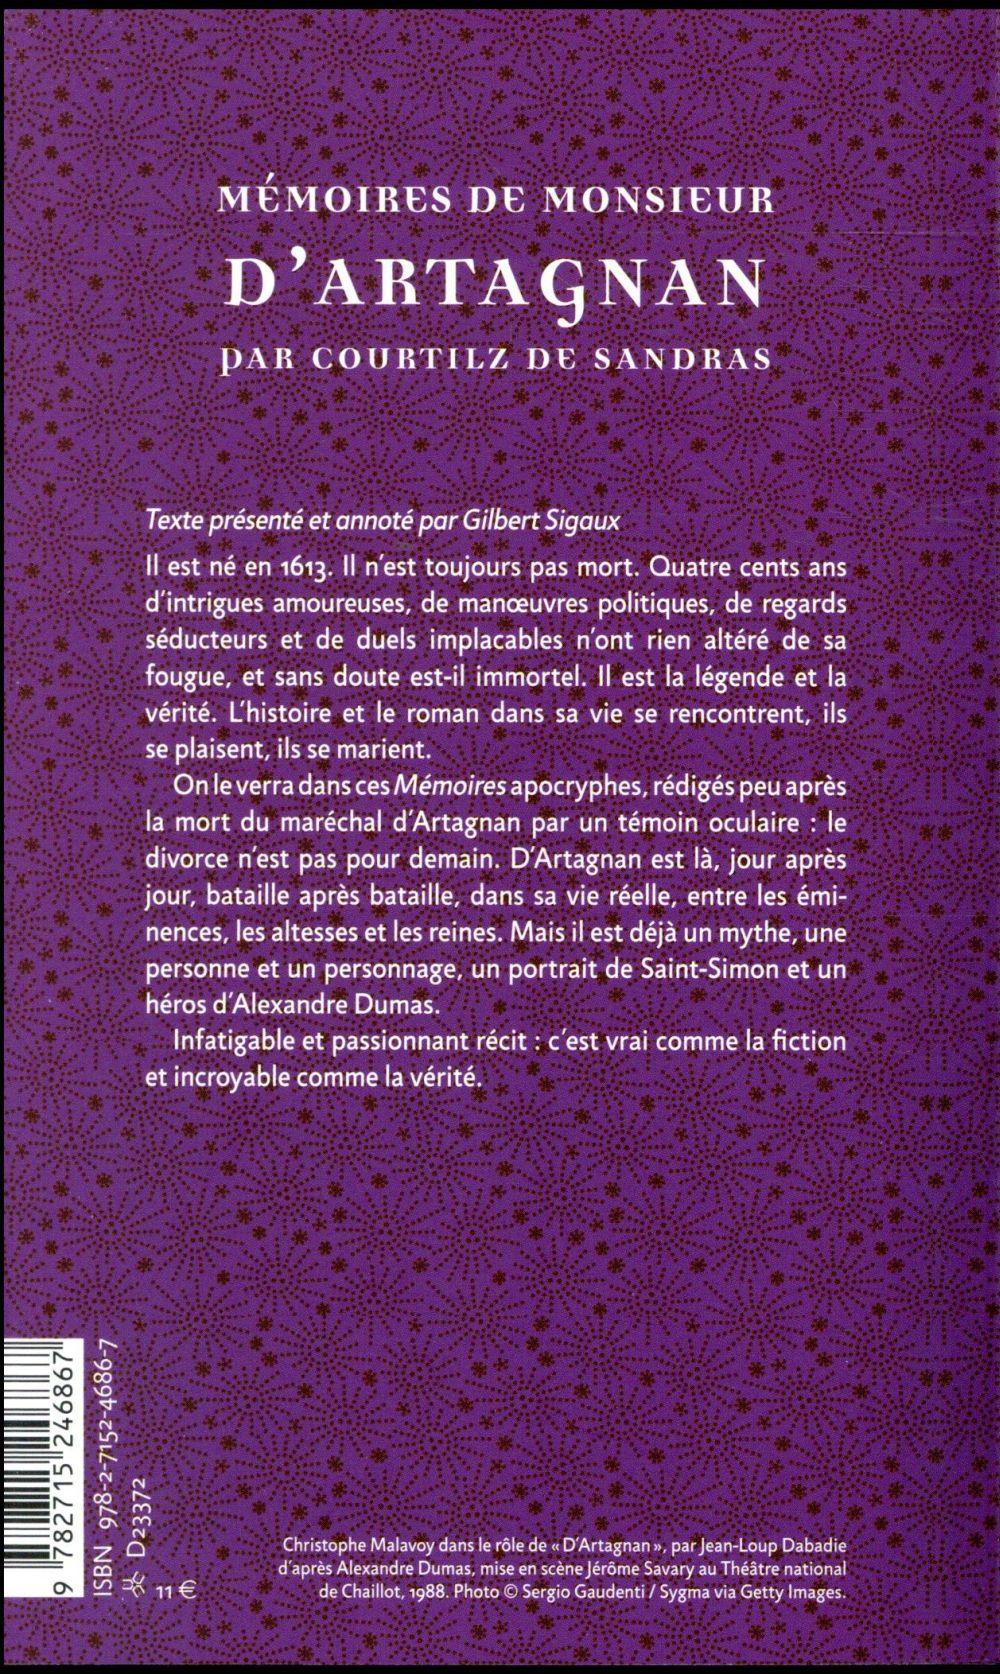 Mémoires de monsieur d'Artagnan